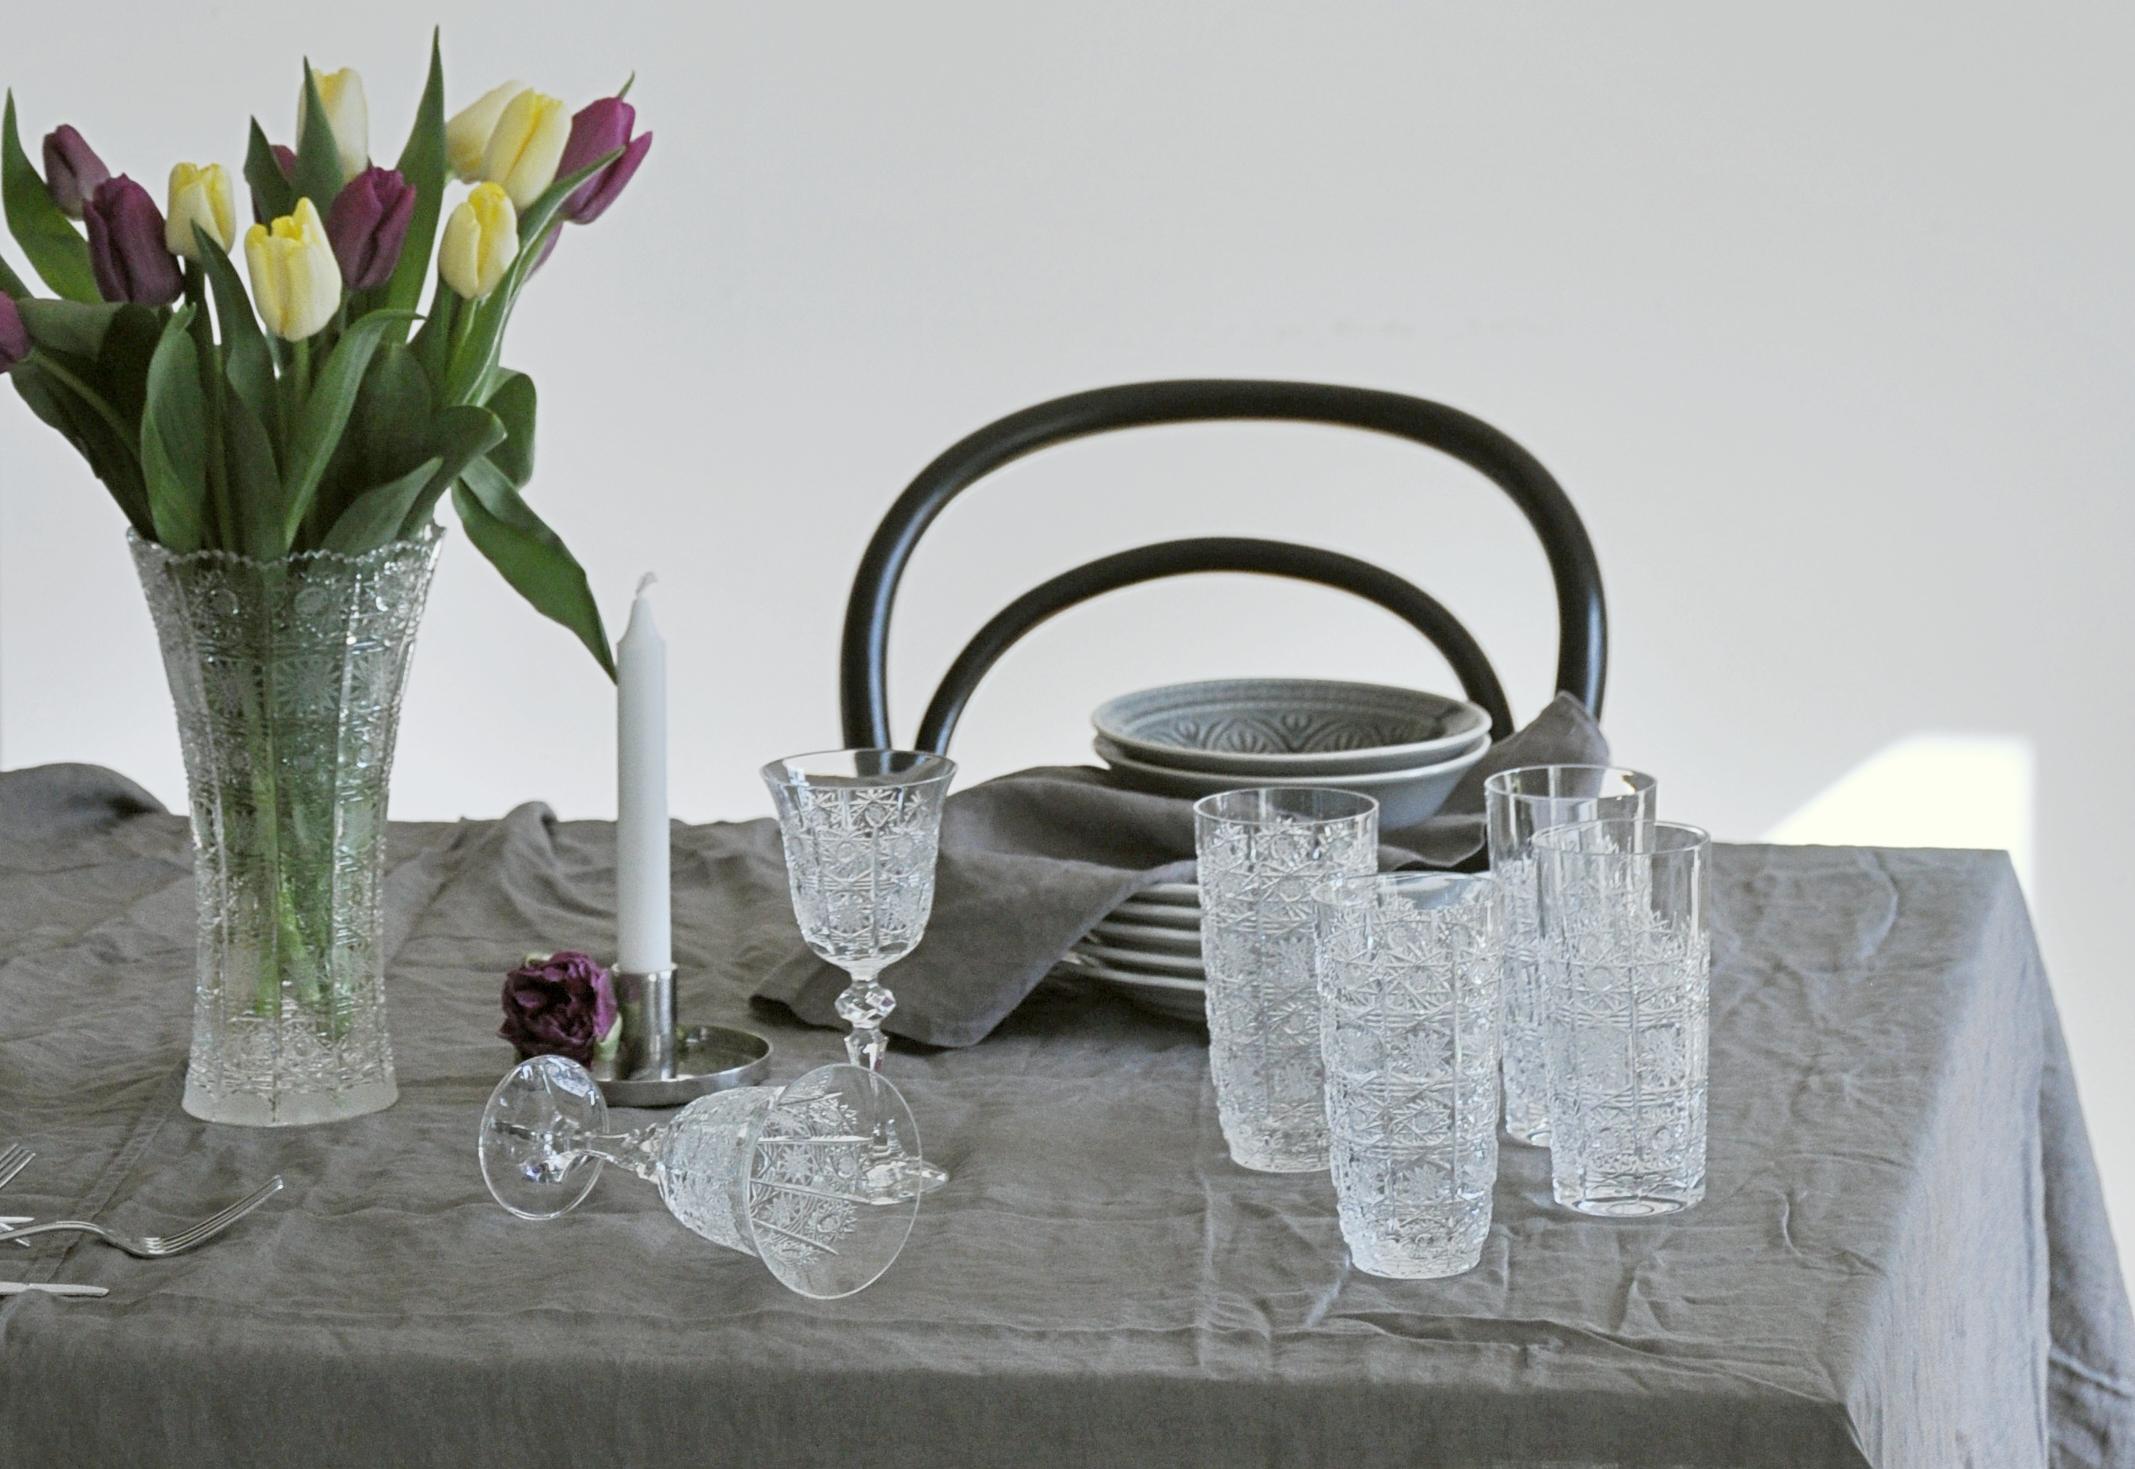 České brúsené sklo, ktoré sa bude dediť z generácie na generáciu - tomu hovoríme svadobný dar!